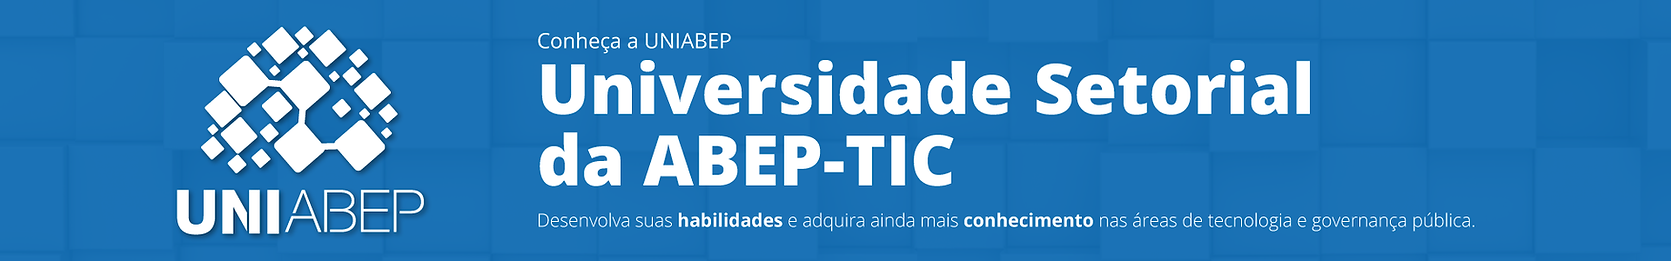 Banner_UNIABEP-Folder.png